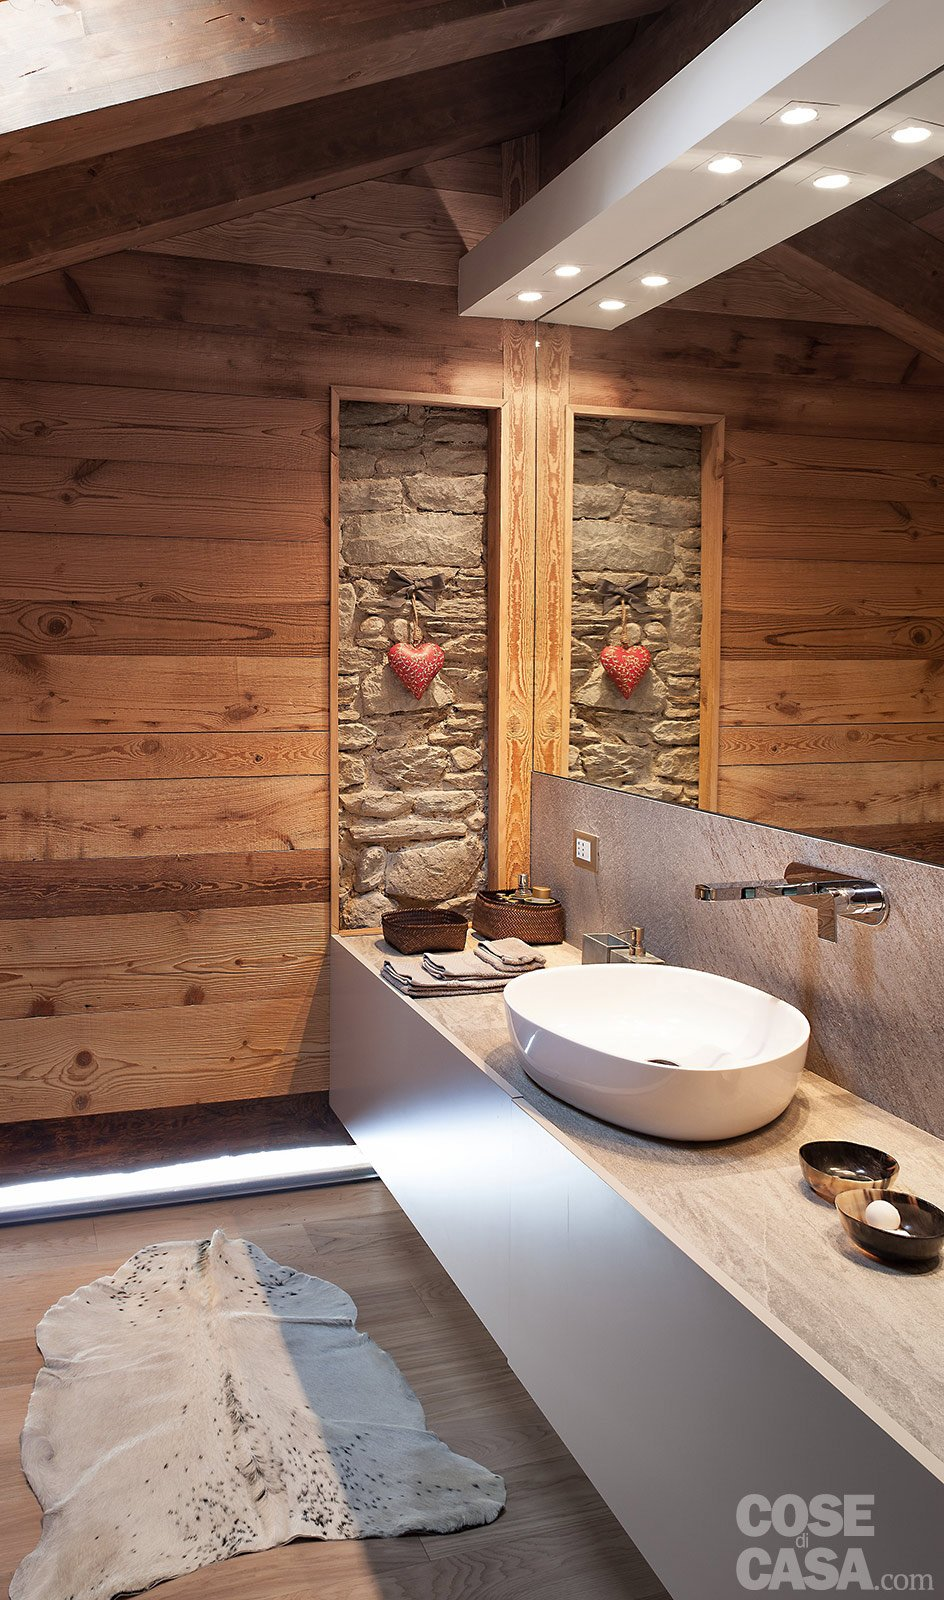 Foto di case in montagna camera da letto in montagna with for Piani di casa chalet sci